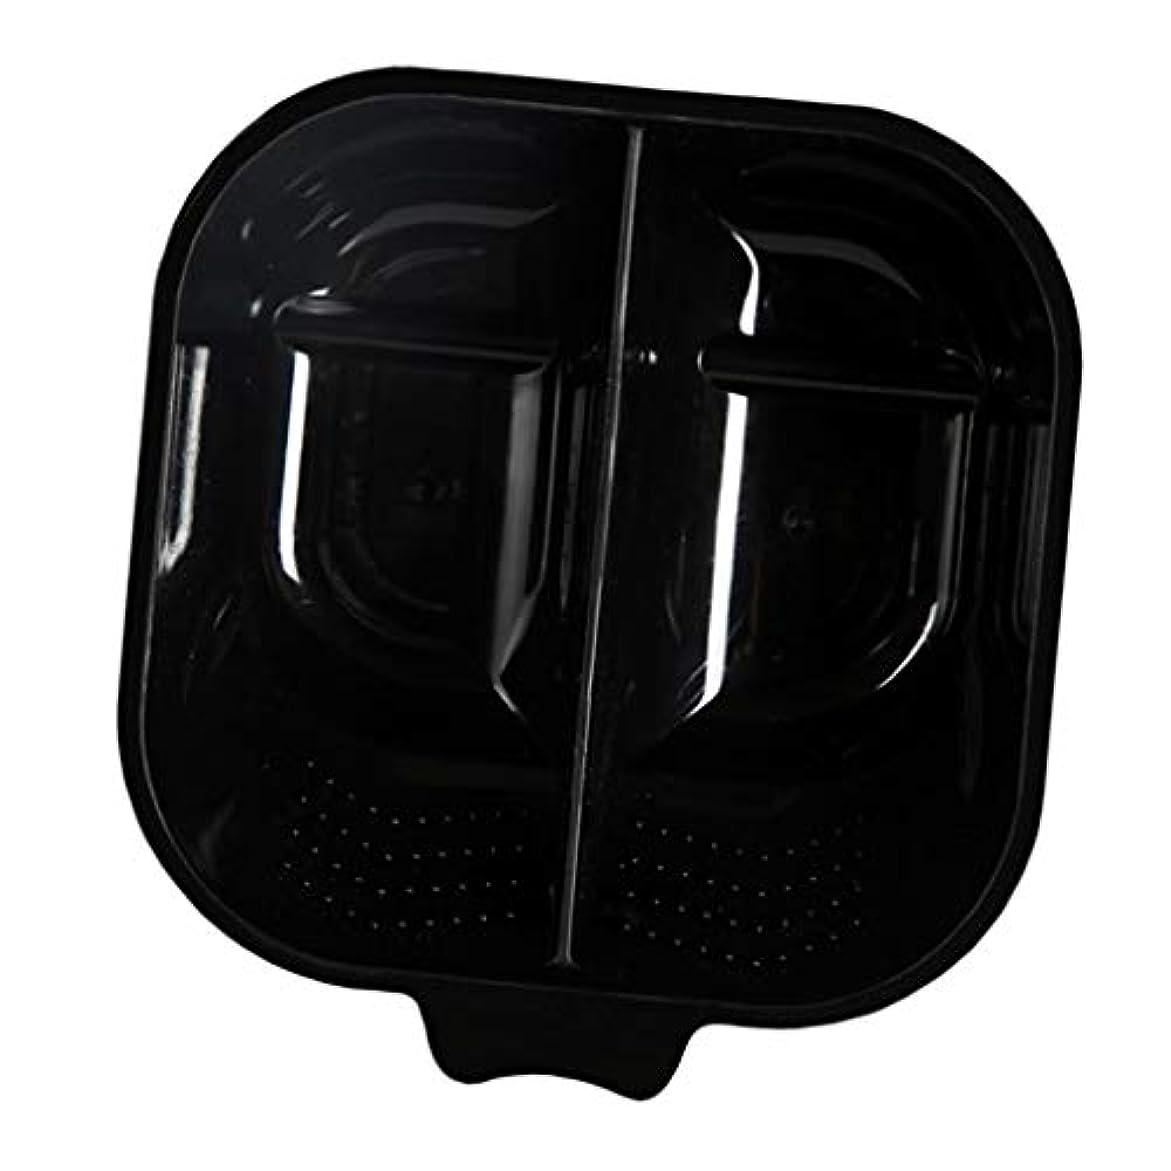 転送送料受け継ぐヘアカップ ヘアカラーボウル ヘアダイカップ 染料 混合ボール 滑り止め サロン 自宅 便利 全3色 - ブラック